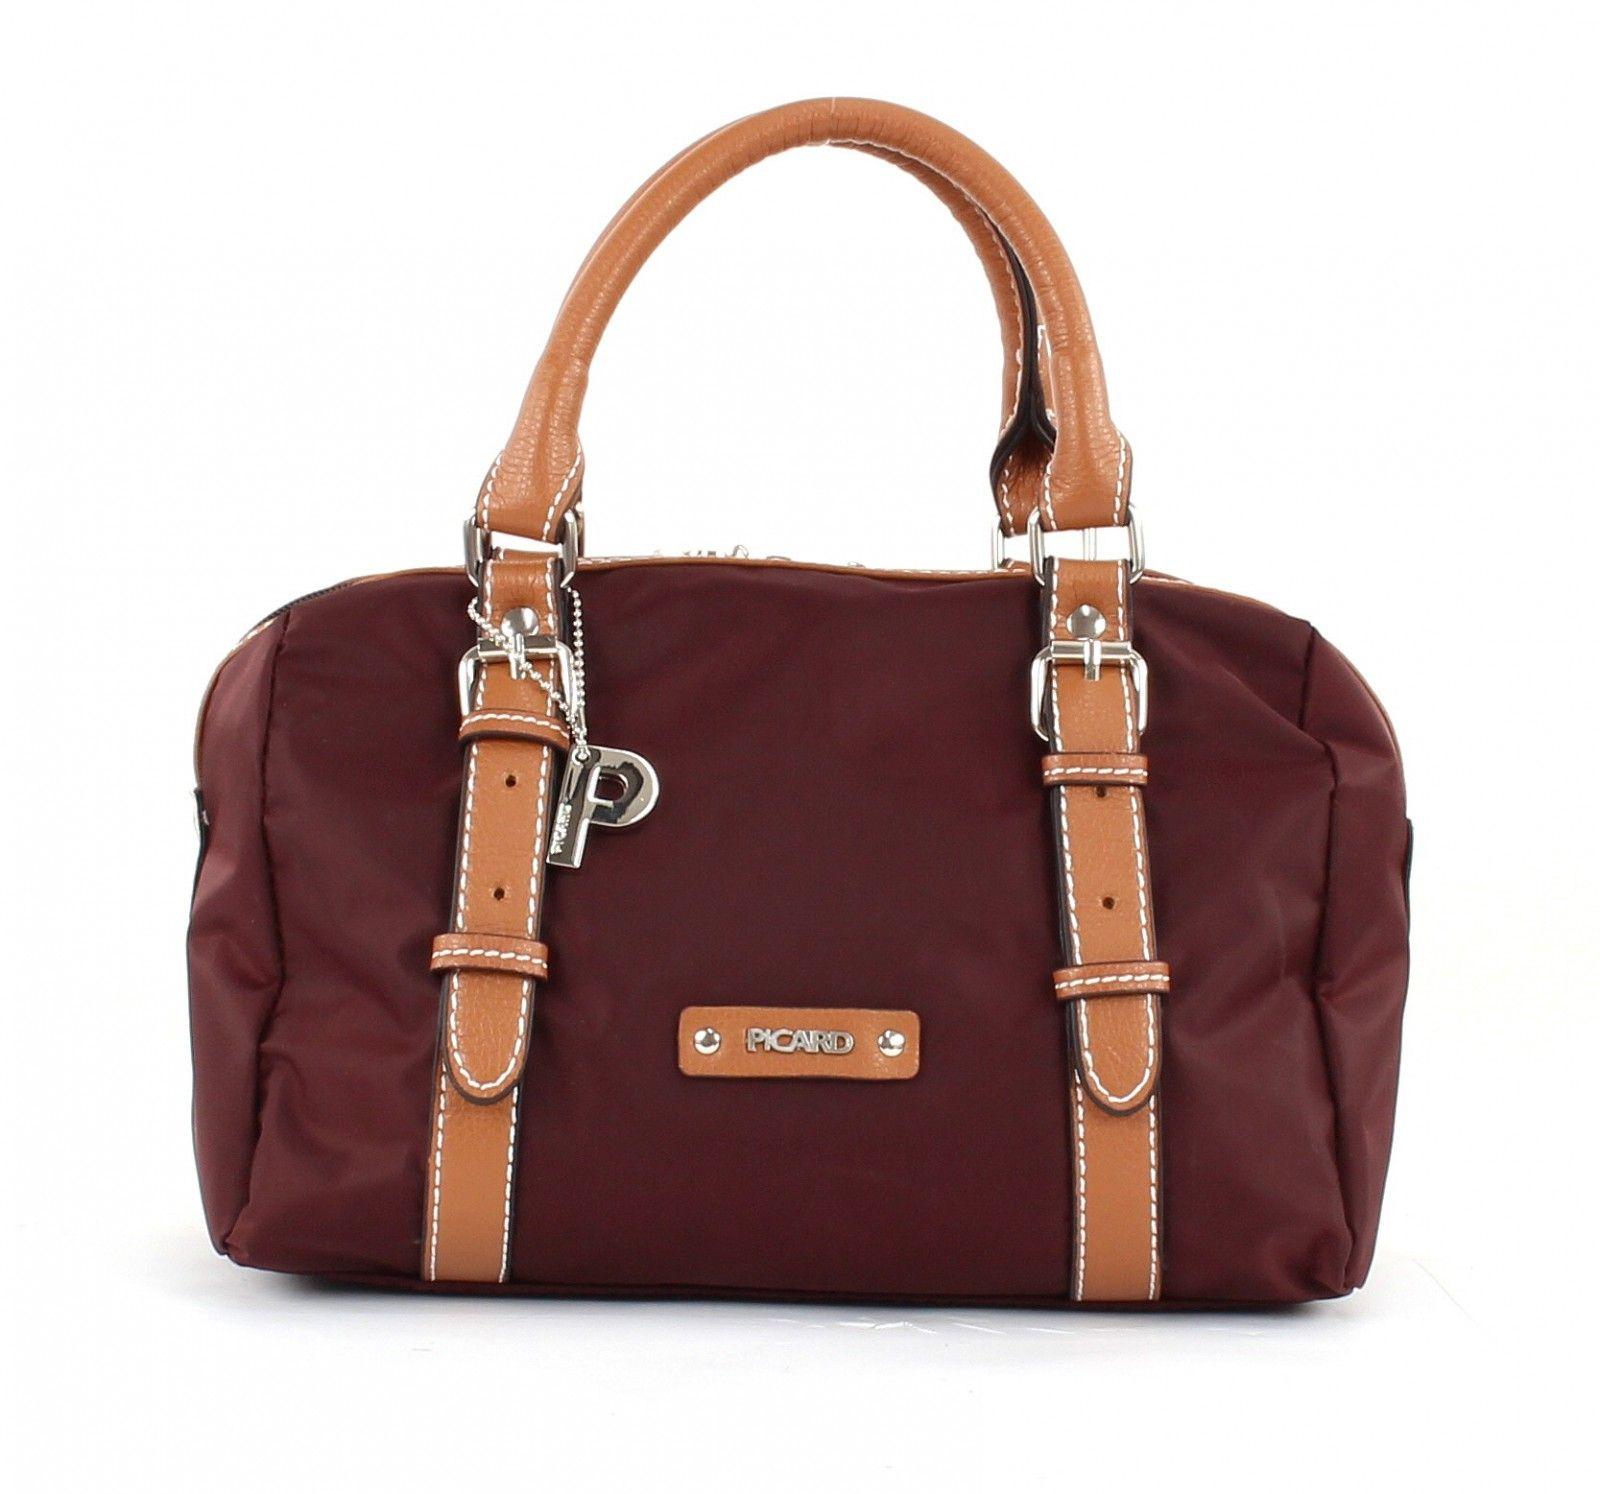 Shopper Damentasche 2517 | Picard | Taschen damen